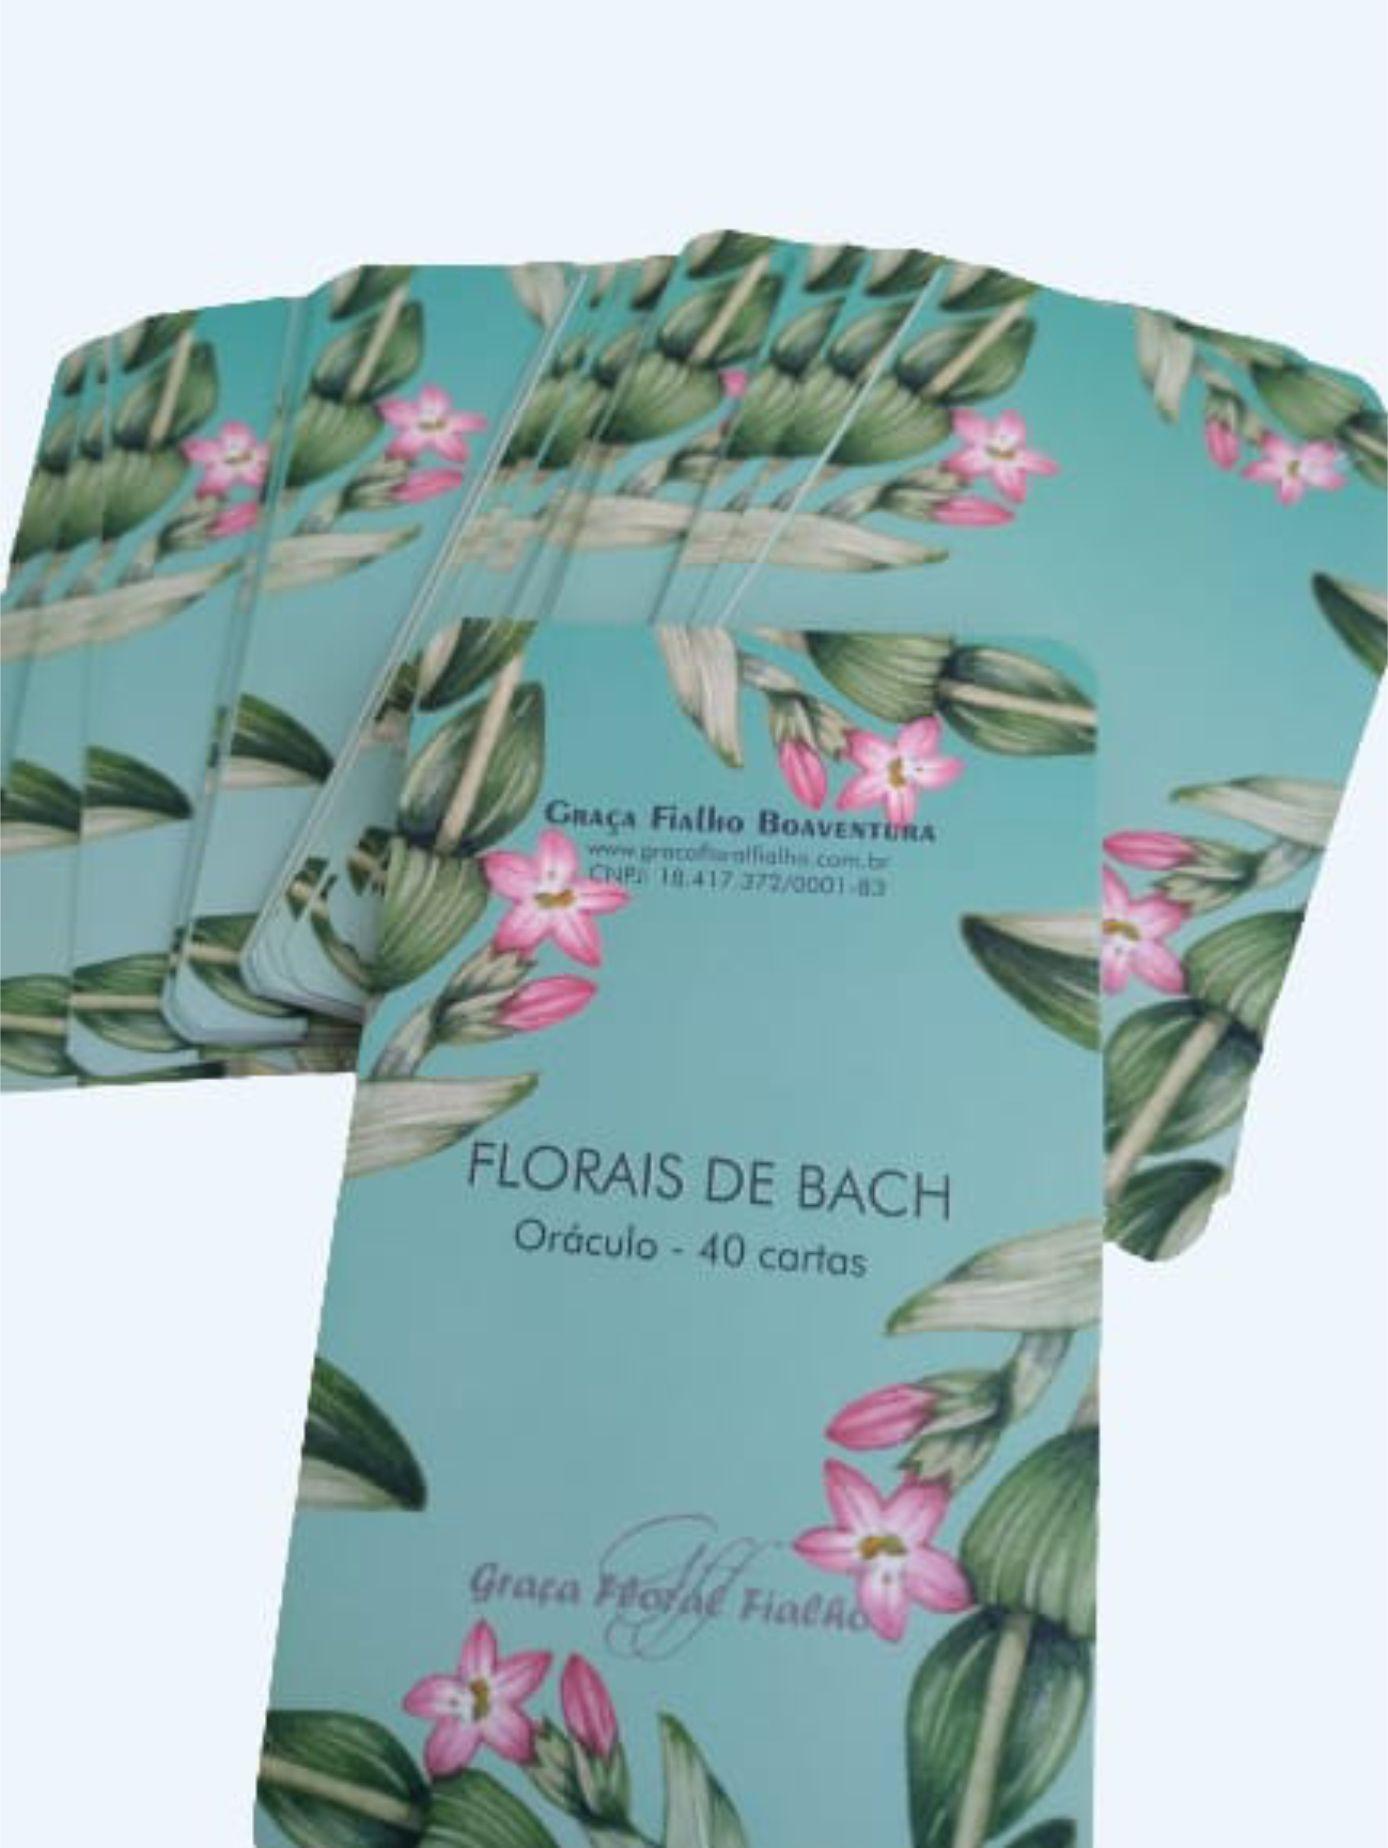 Oráculo dos Florais de Bach